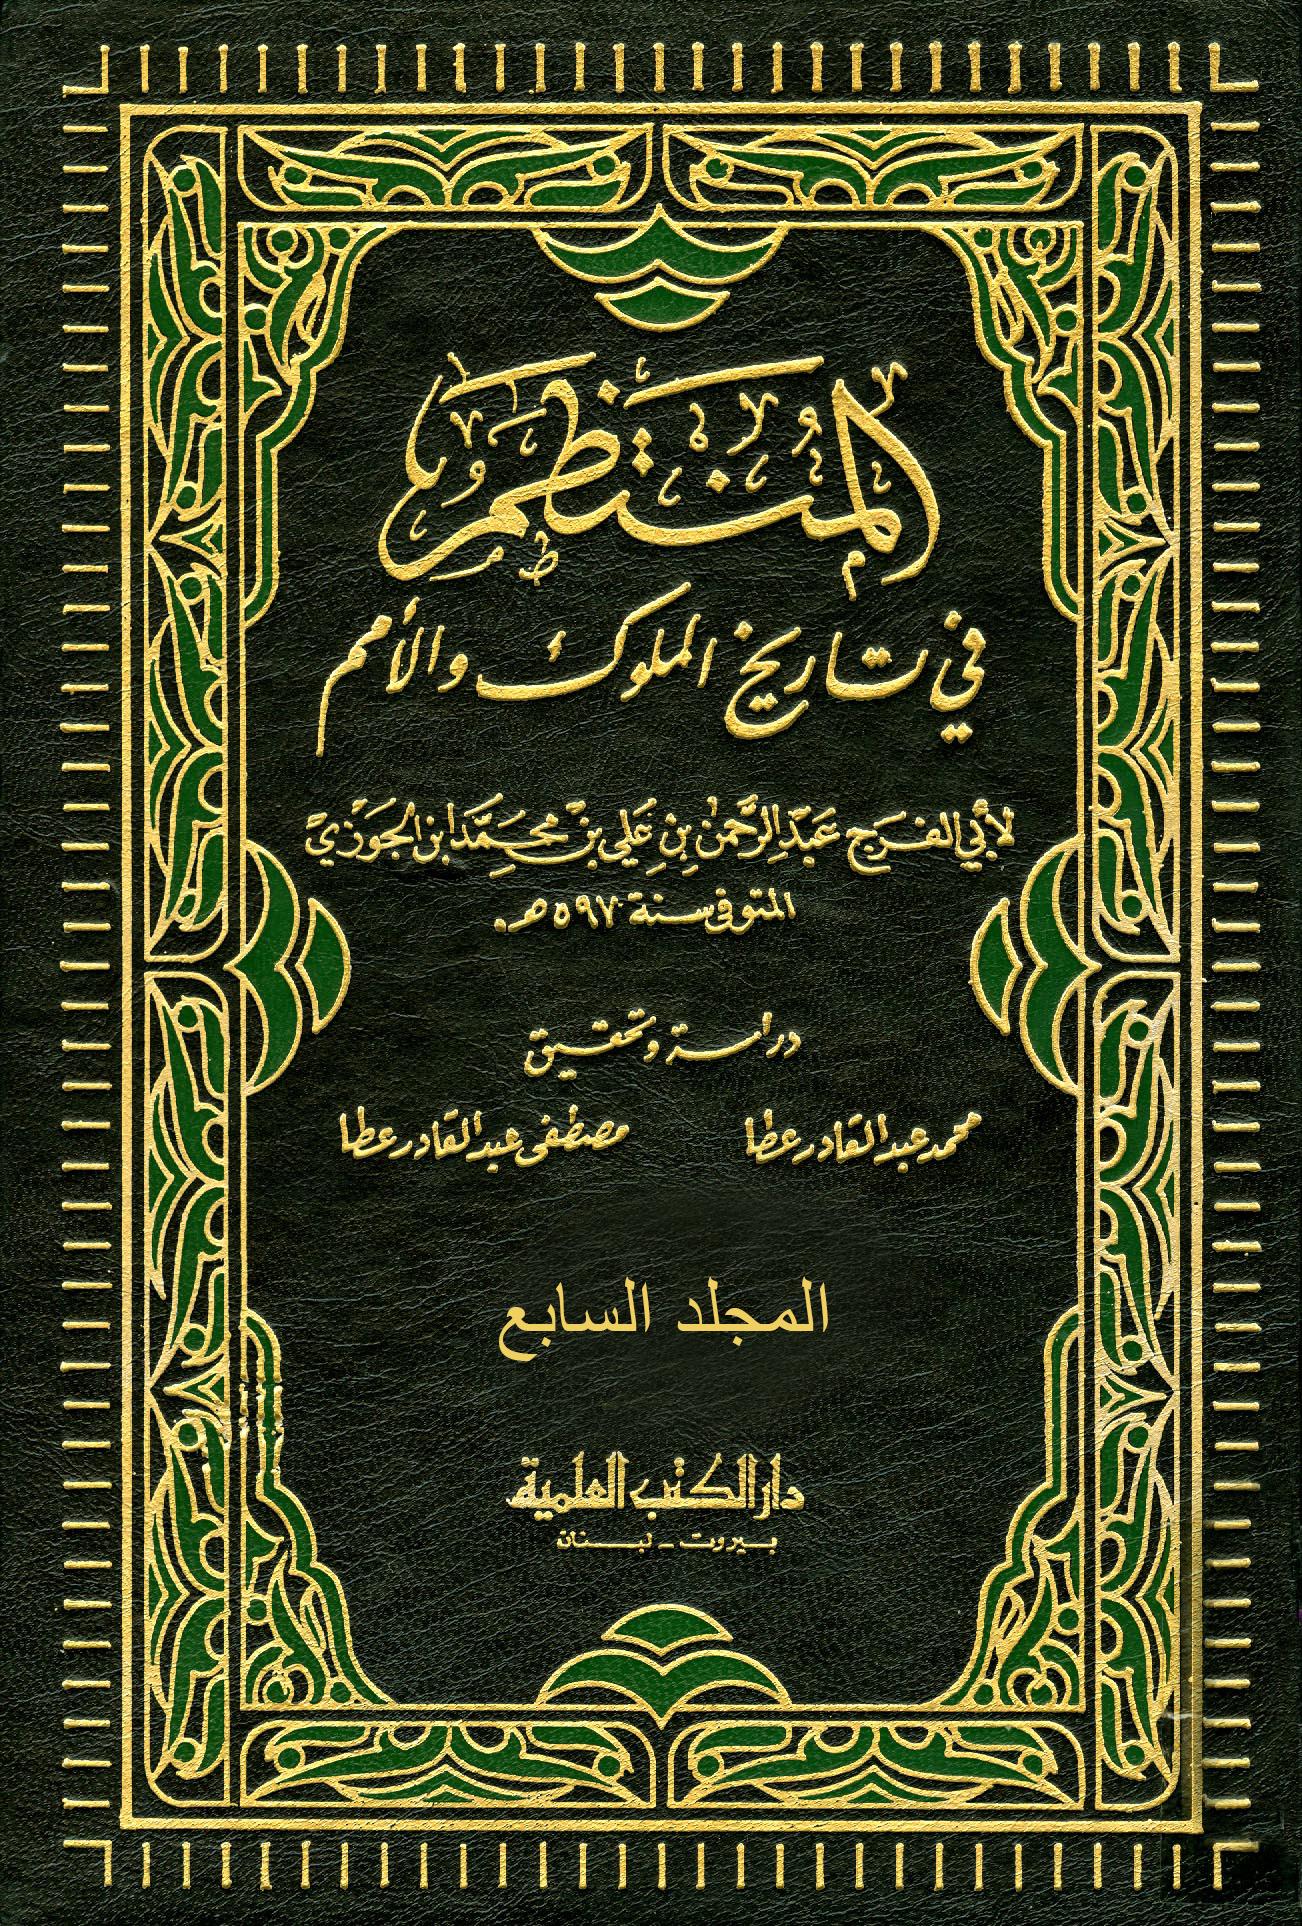 المنتظم في تاريخ الملوك والأمم - م 7 (تابع 95 هـ - 136 هـ)